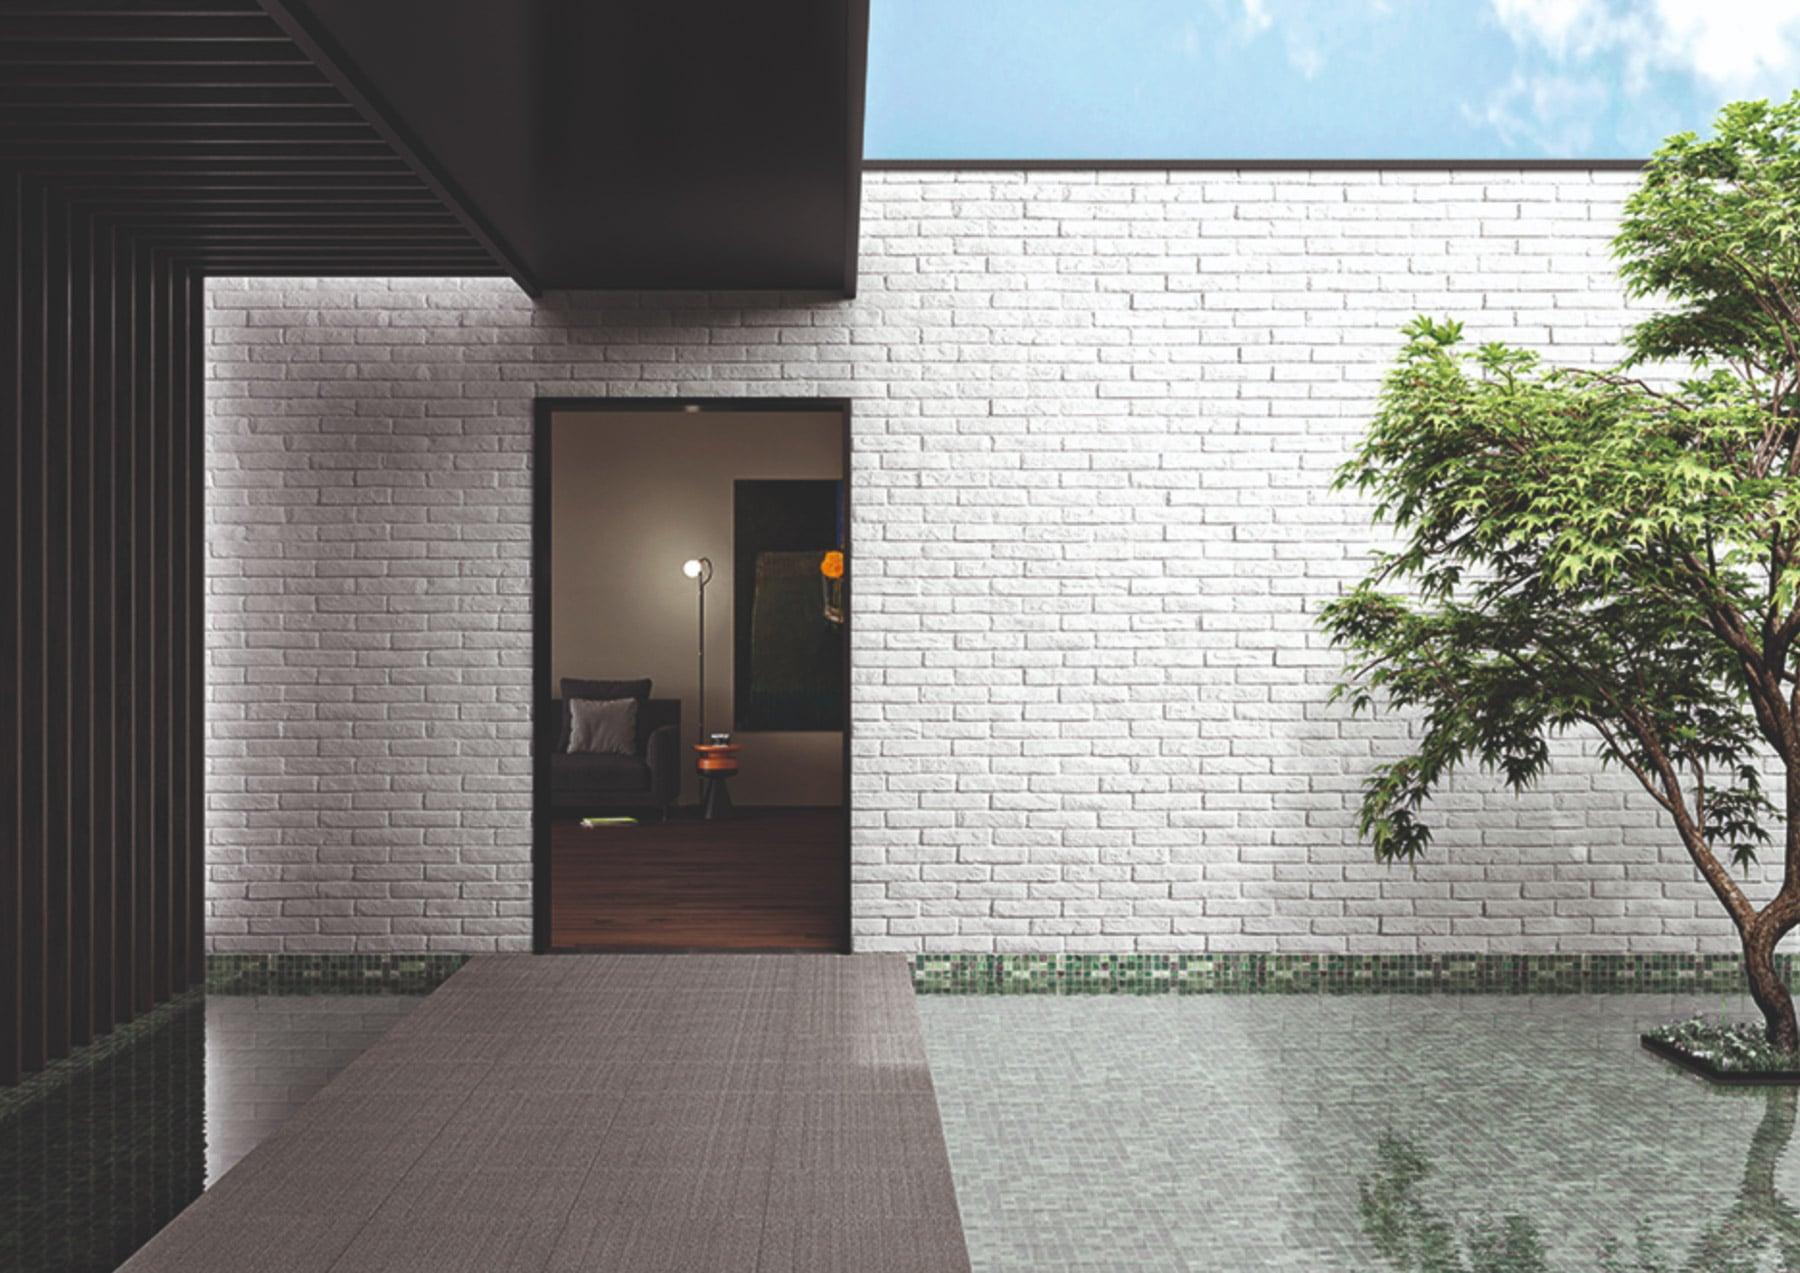 Mur d'entrée en pierre de parement acl cementbrick